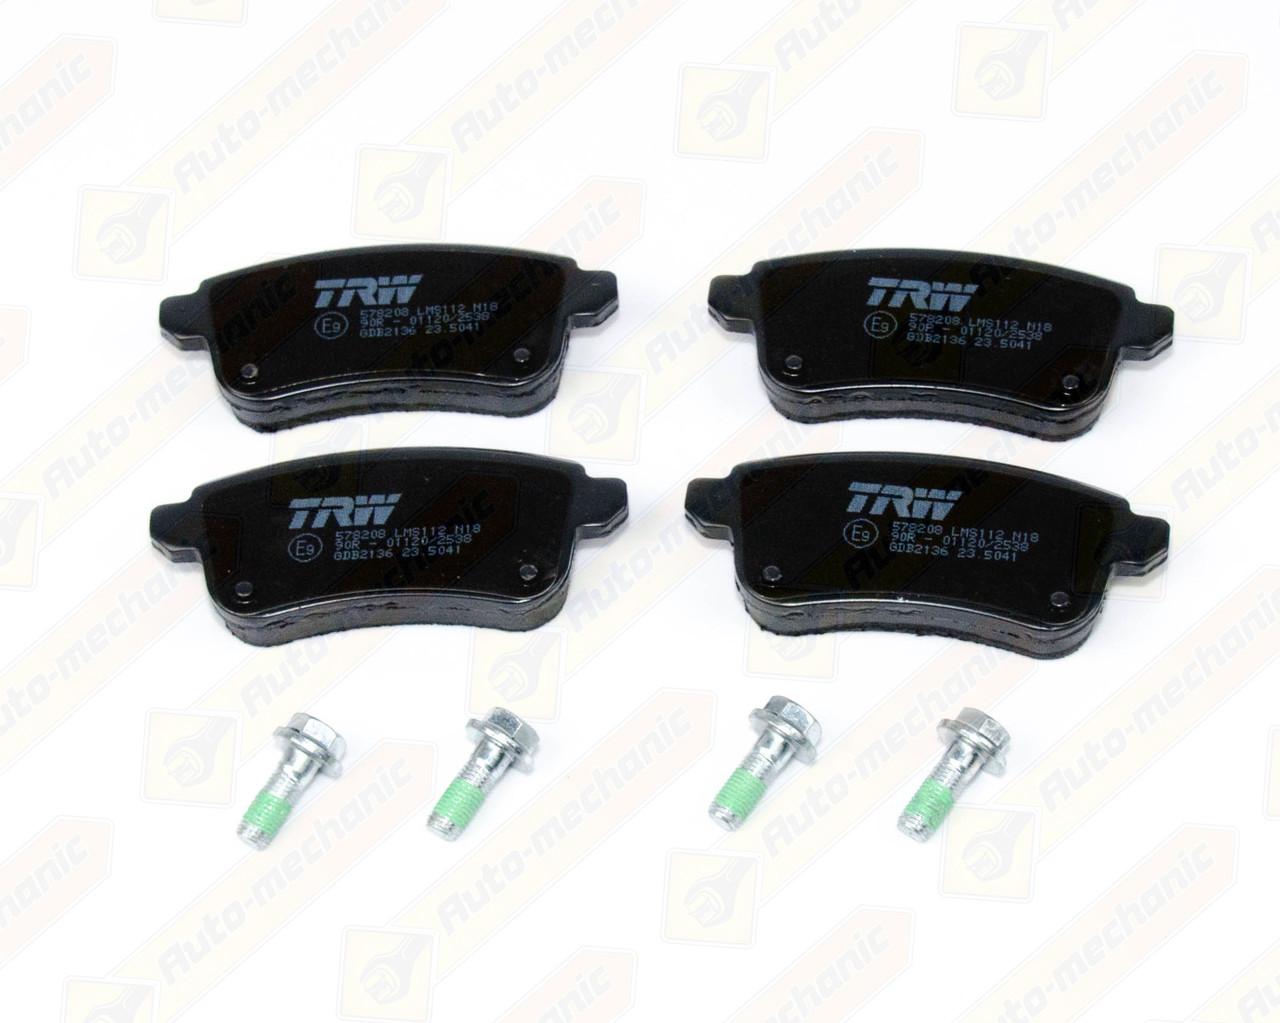 Купить Тормозные колодки, Дисковые тормозные колодки (задние) на Renault Scenic III 2009->2016 — TRW - GDB2136